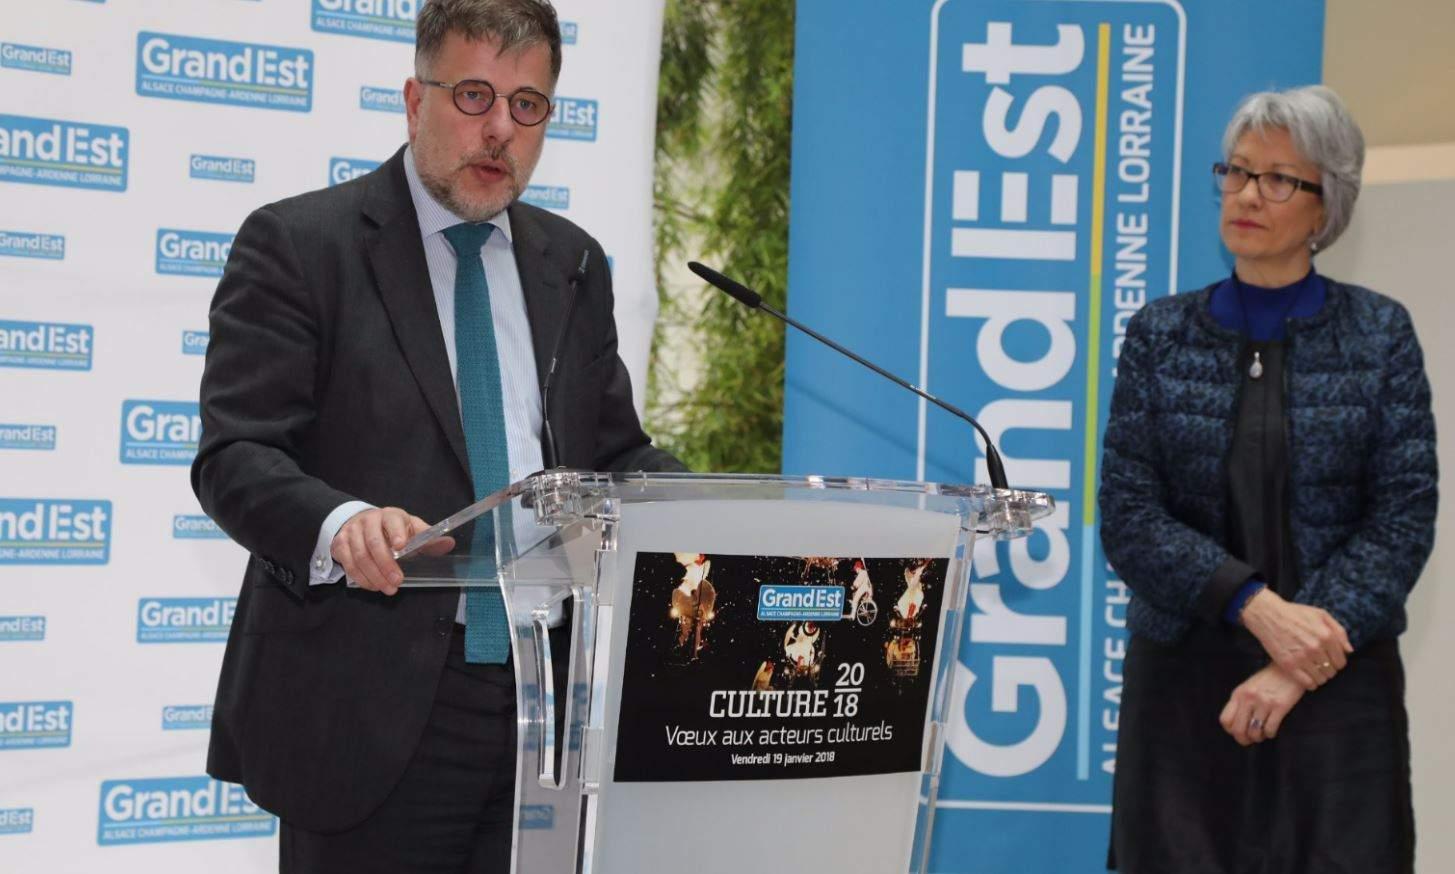 La Région : les actions en faveur de la culture